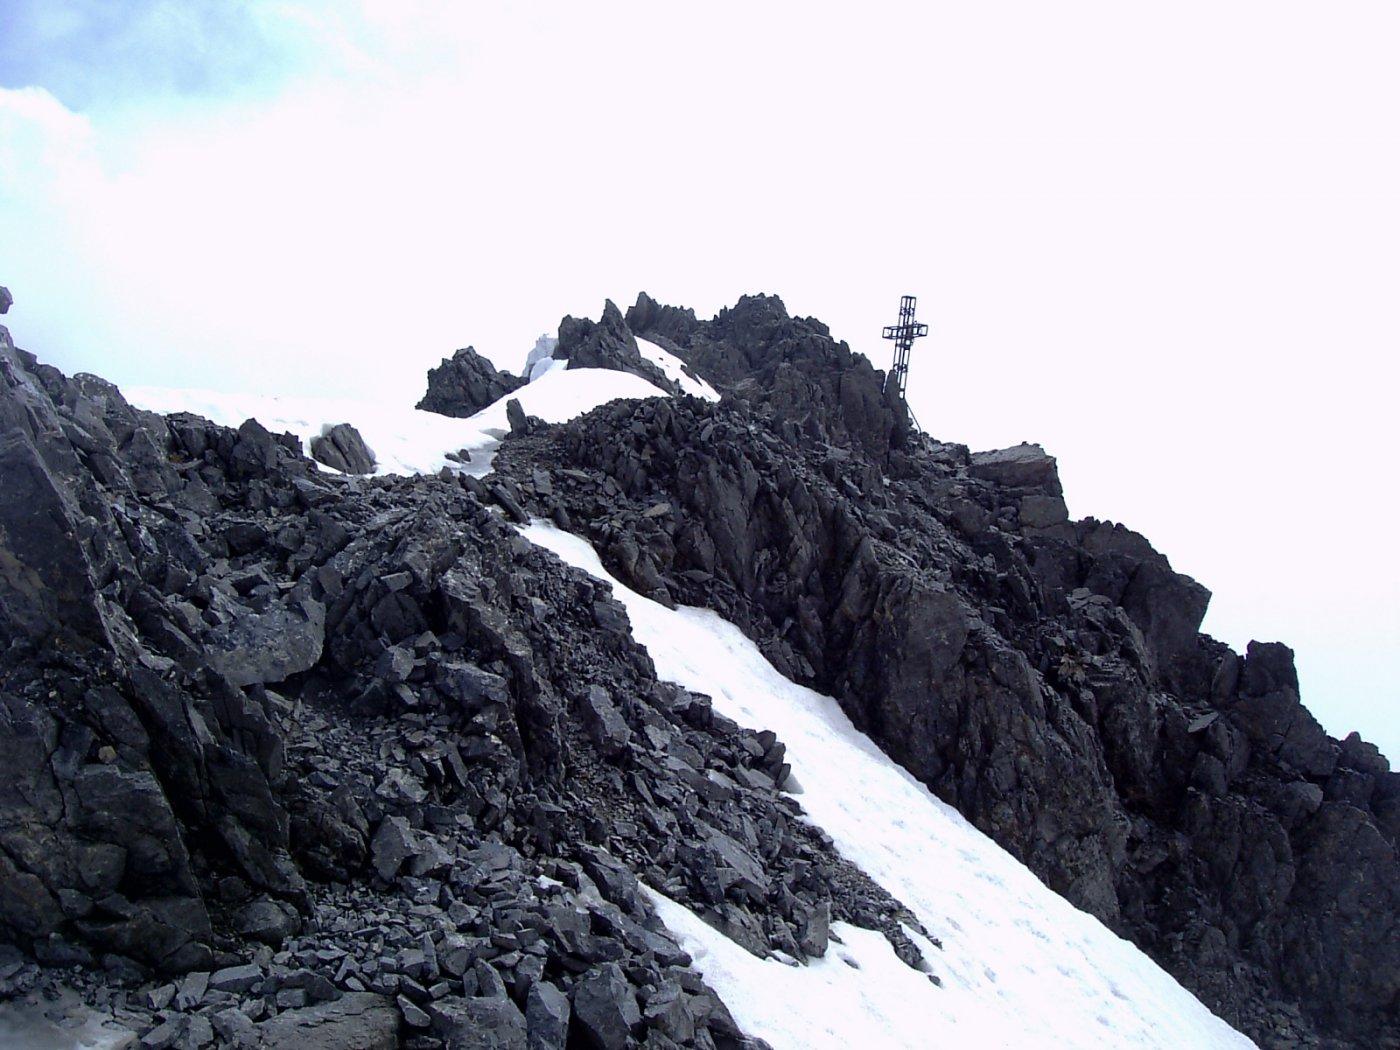 Gli ultimi metri di cresta prima della croce di vetta (foto A. Valfrè).